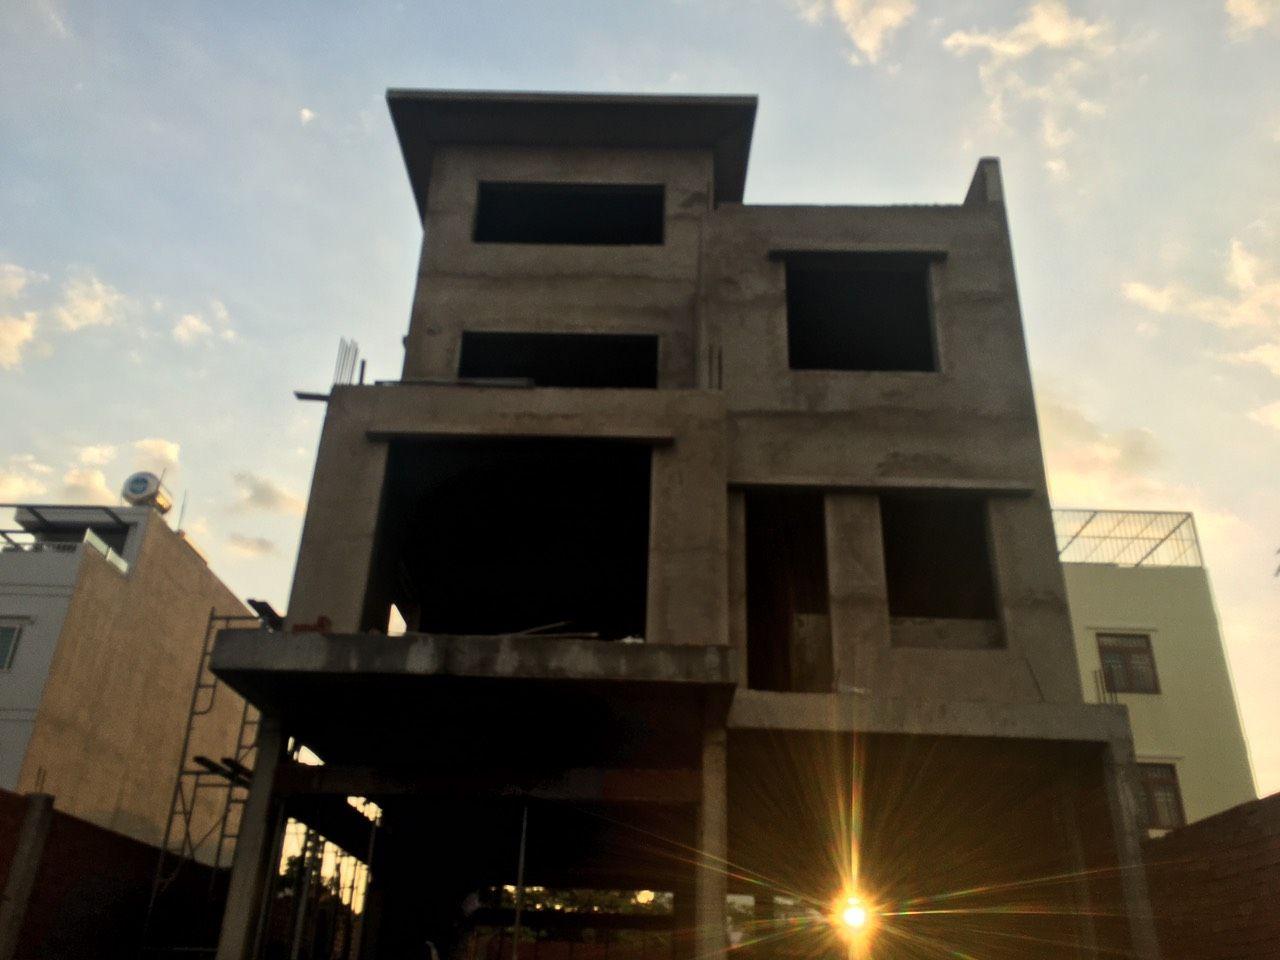 thiết kế thi công xây dựng long bình quận 9 tphcm